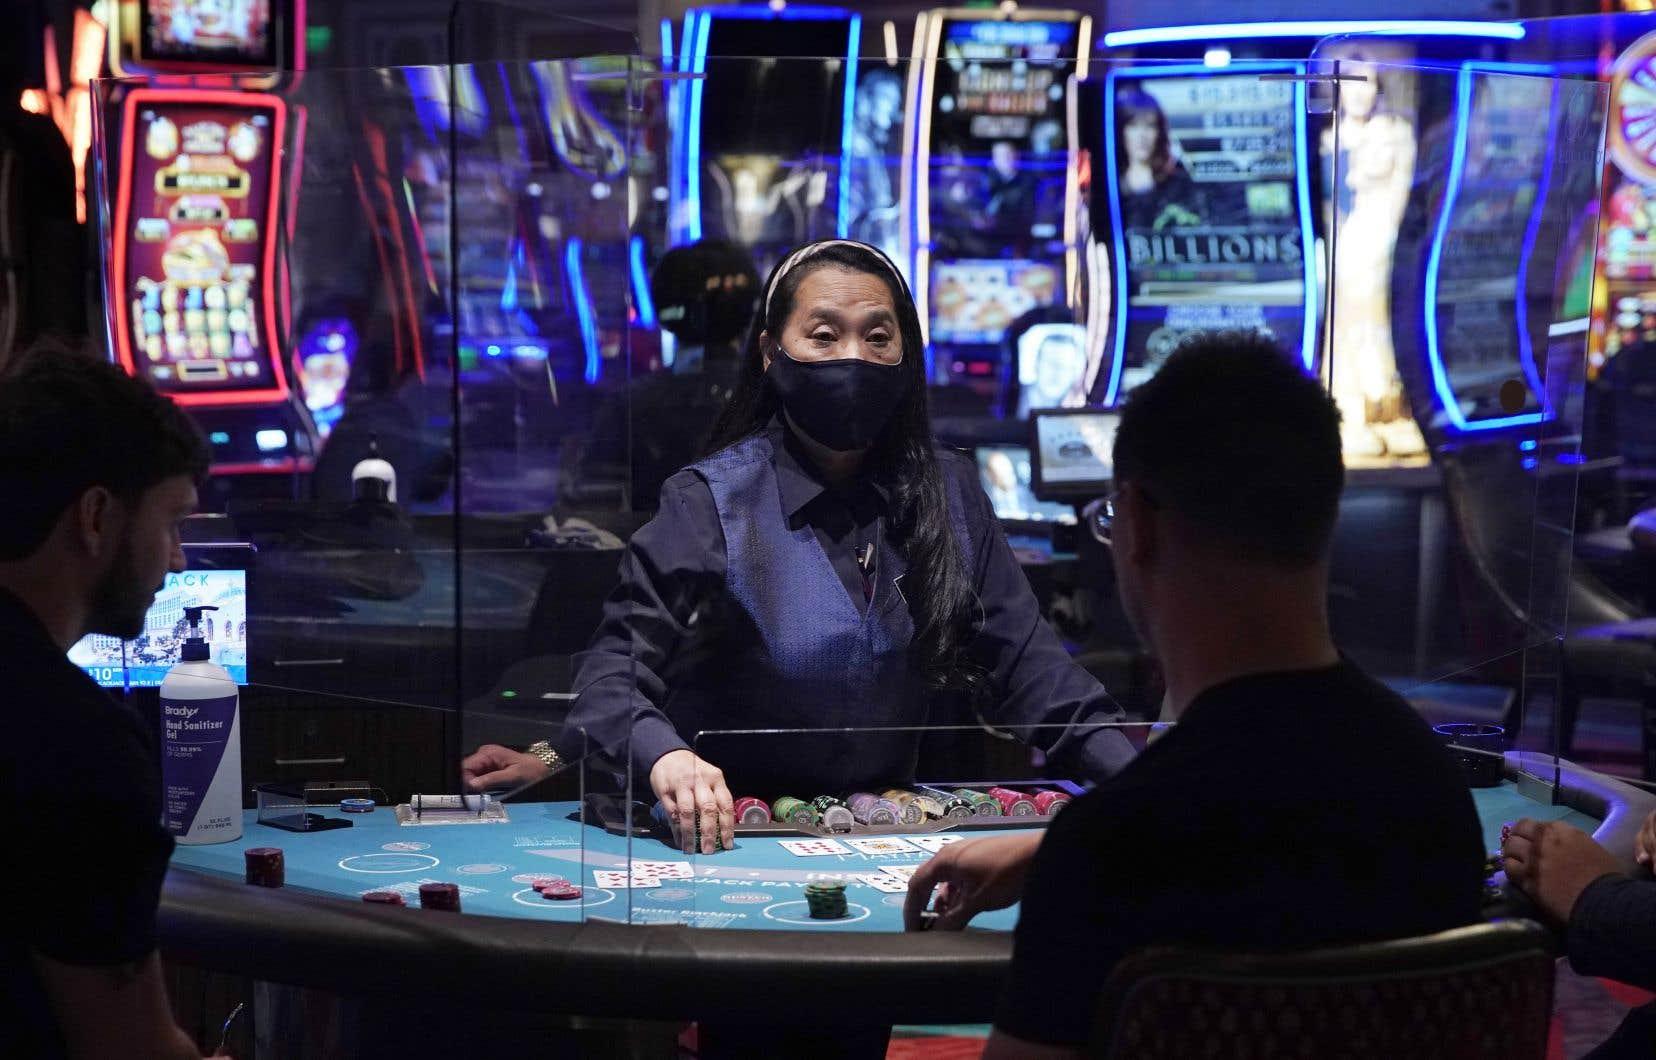 Les casinos ont rouvert début juin, mais la reprise est lente.